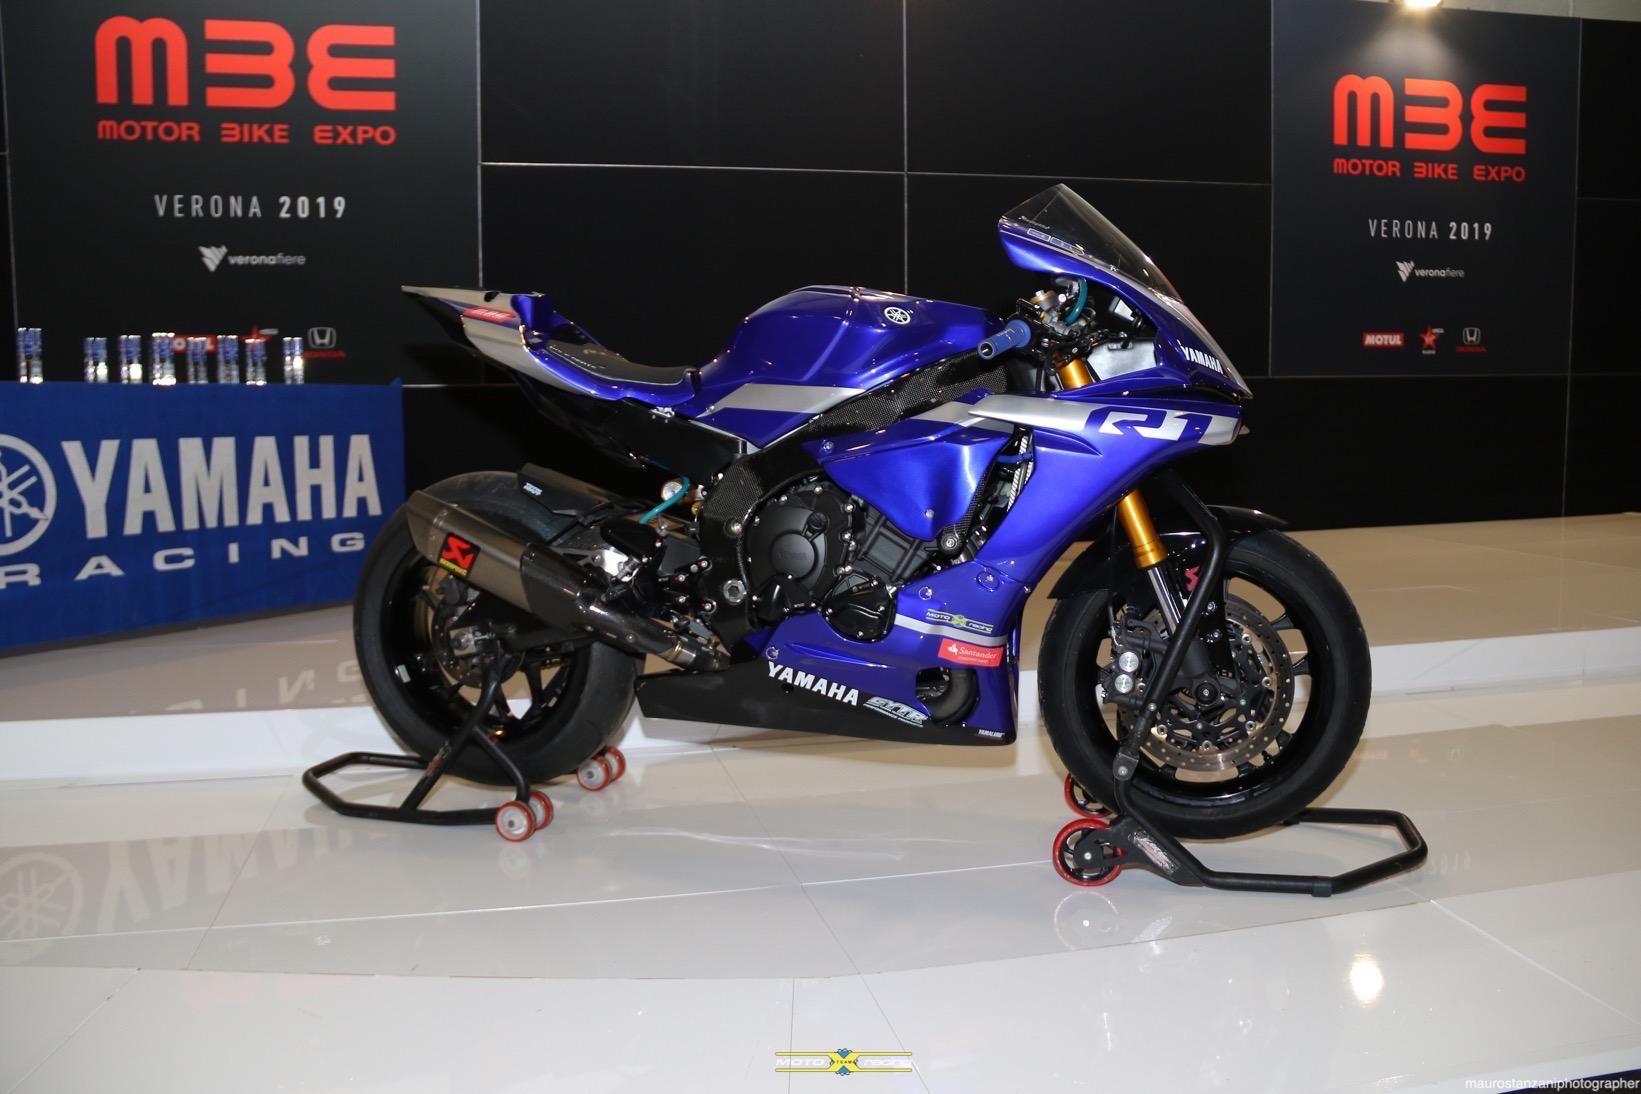 Al Motor Bike Expo Si E Aperto Il Sipario Sul Trofeo Yamaha R1 Cup 2019